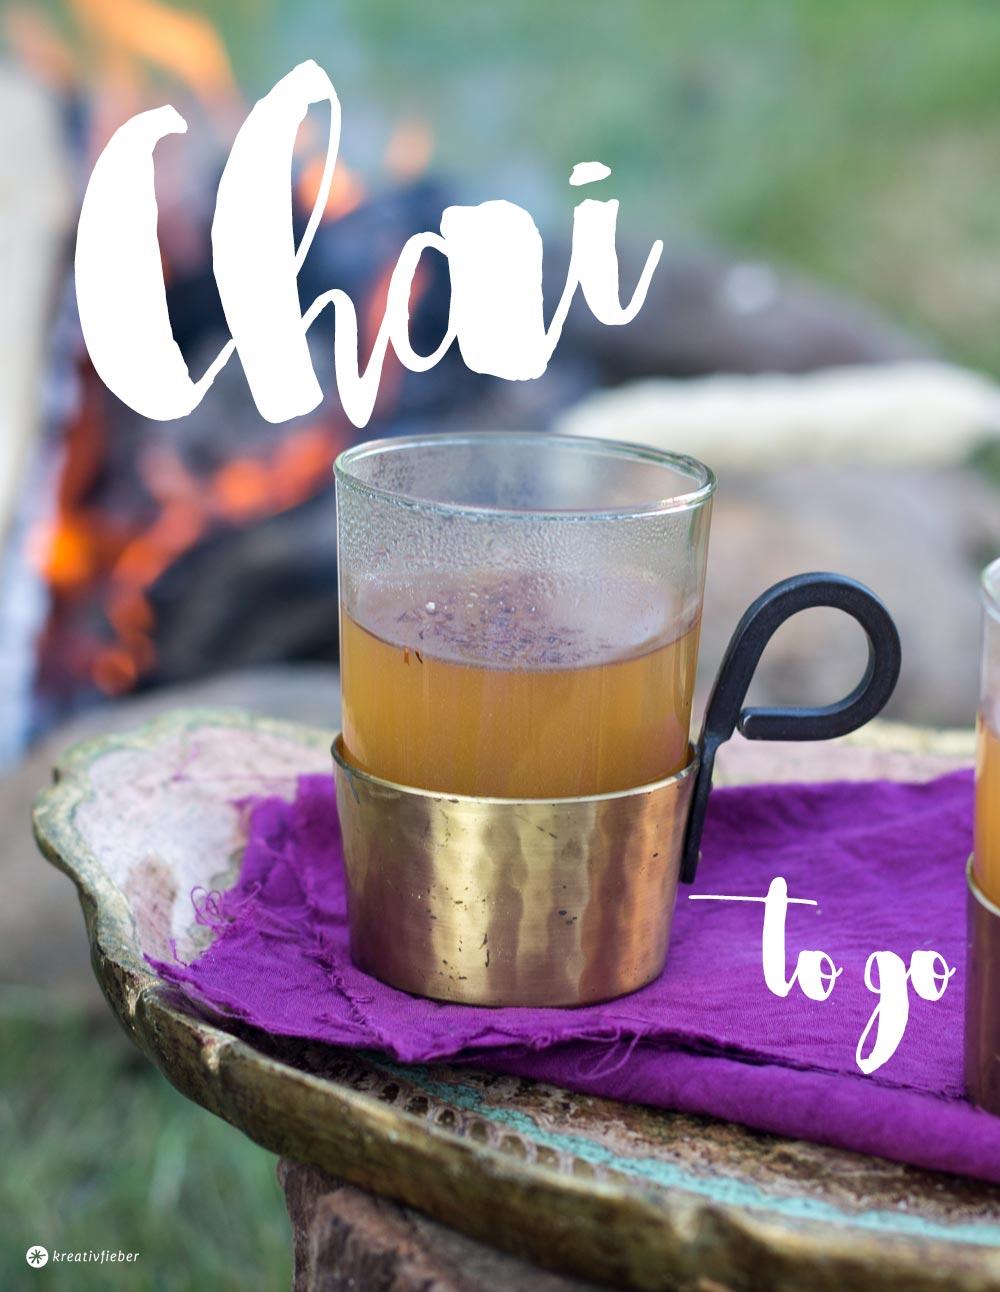 Chai to go - Chai Latte Pulver für Unterwegs zum Mitnehmen mischen - Glamping und Lagerfeuer Rezeptideen